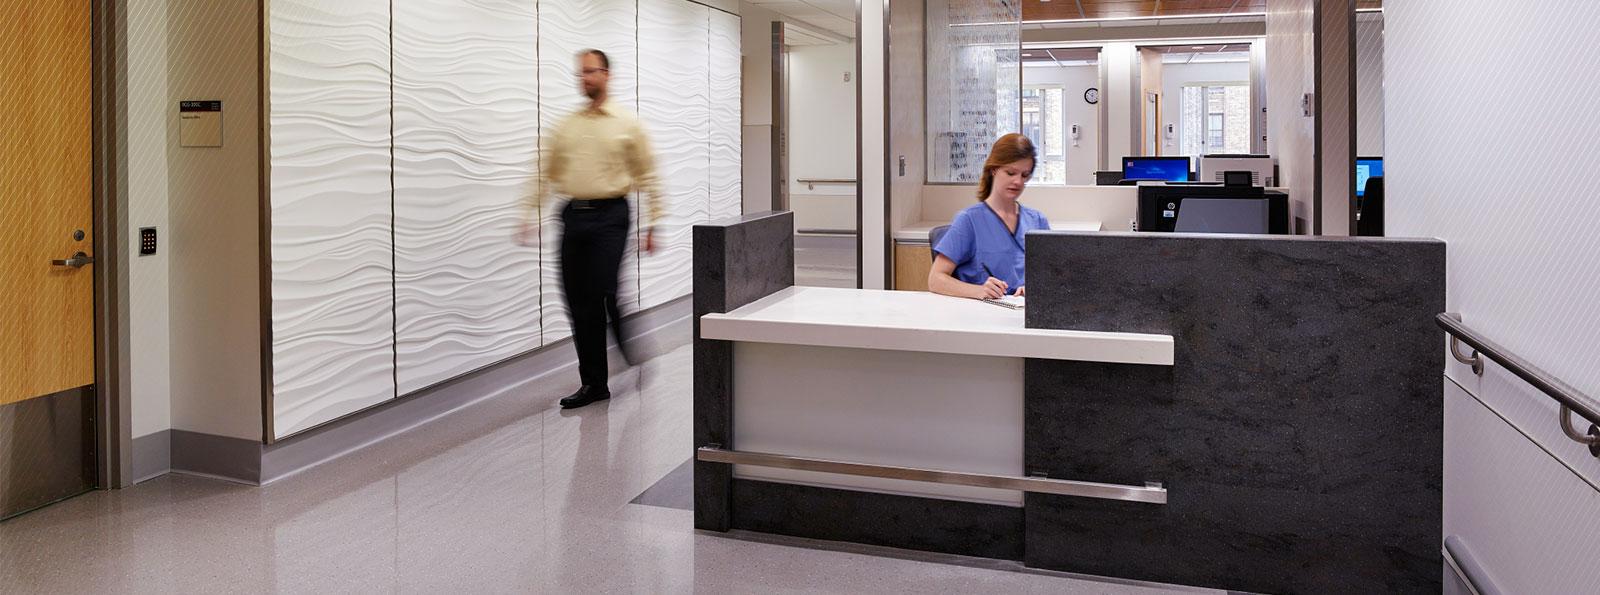 New York Presbyterian Hospital Lobby